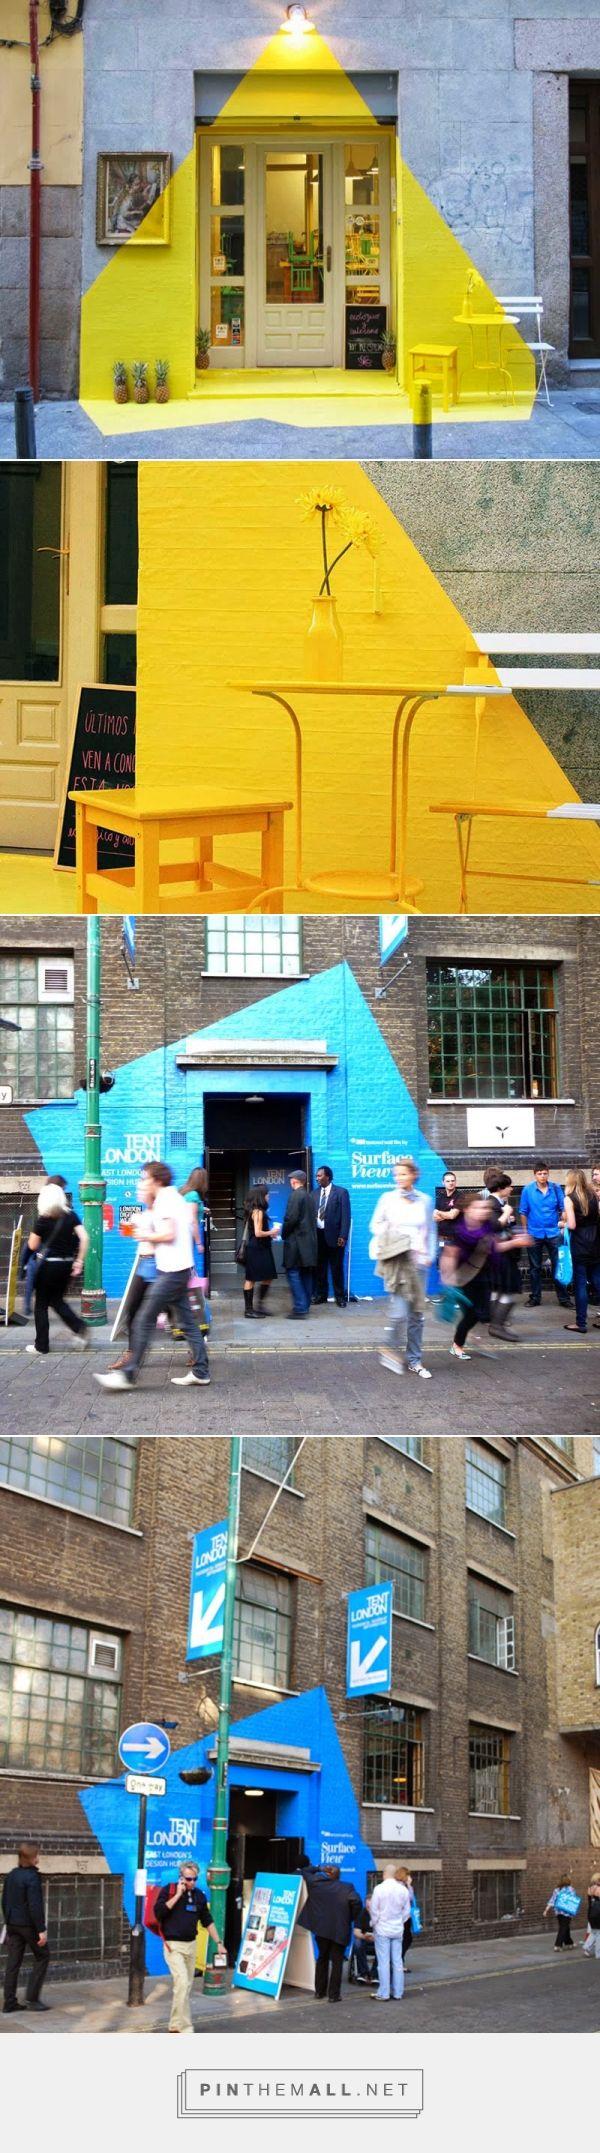 Una selección de recursos innovadores de señalización para museos, restaurantes y tiendas | Proyecto Fos, Madrid + Tent London (Exposición temporal)